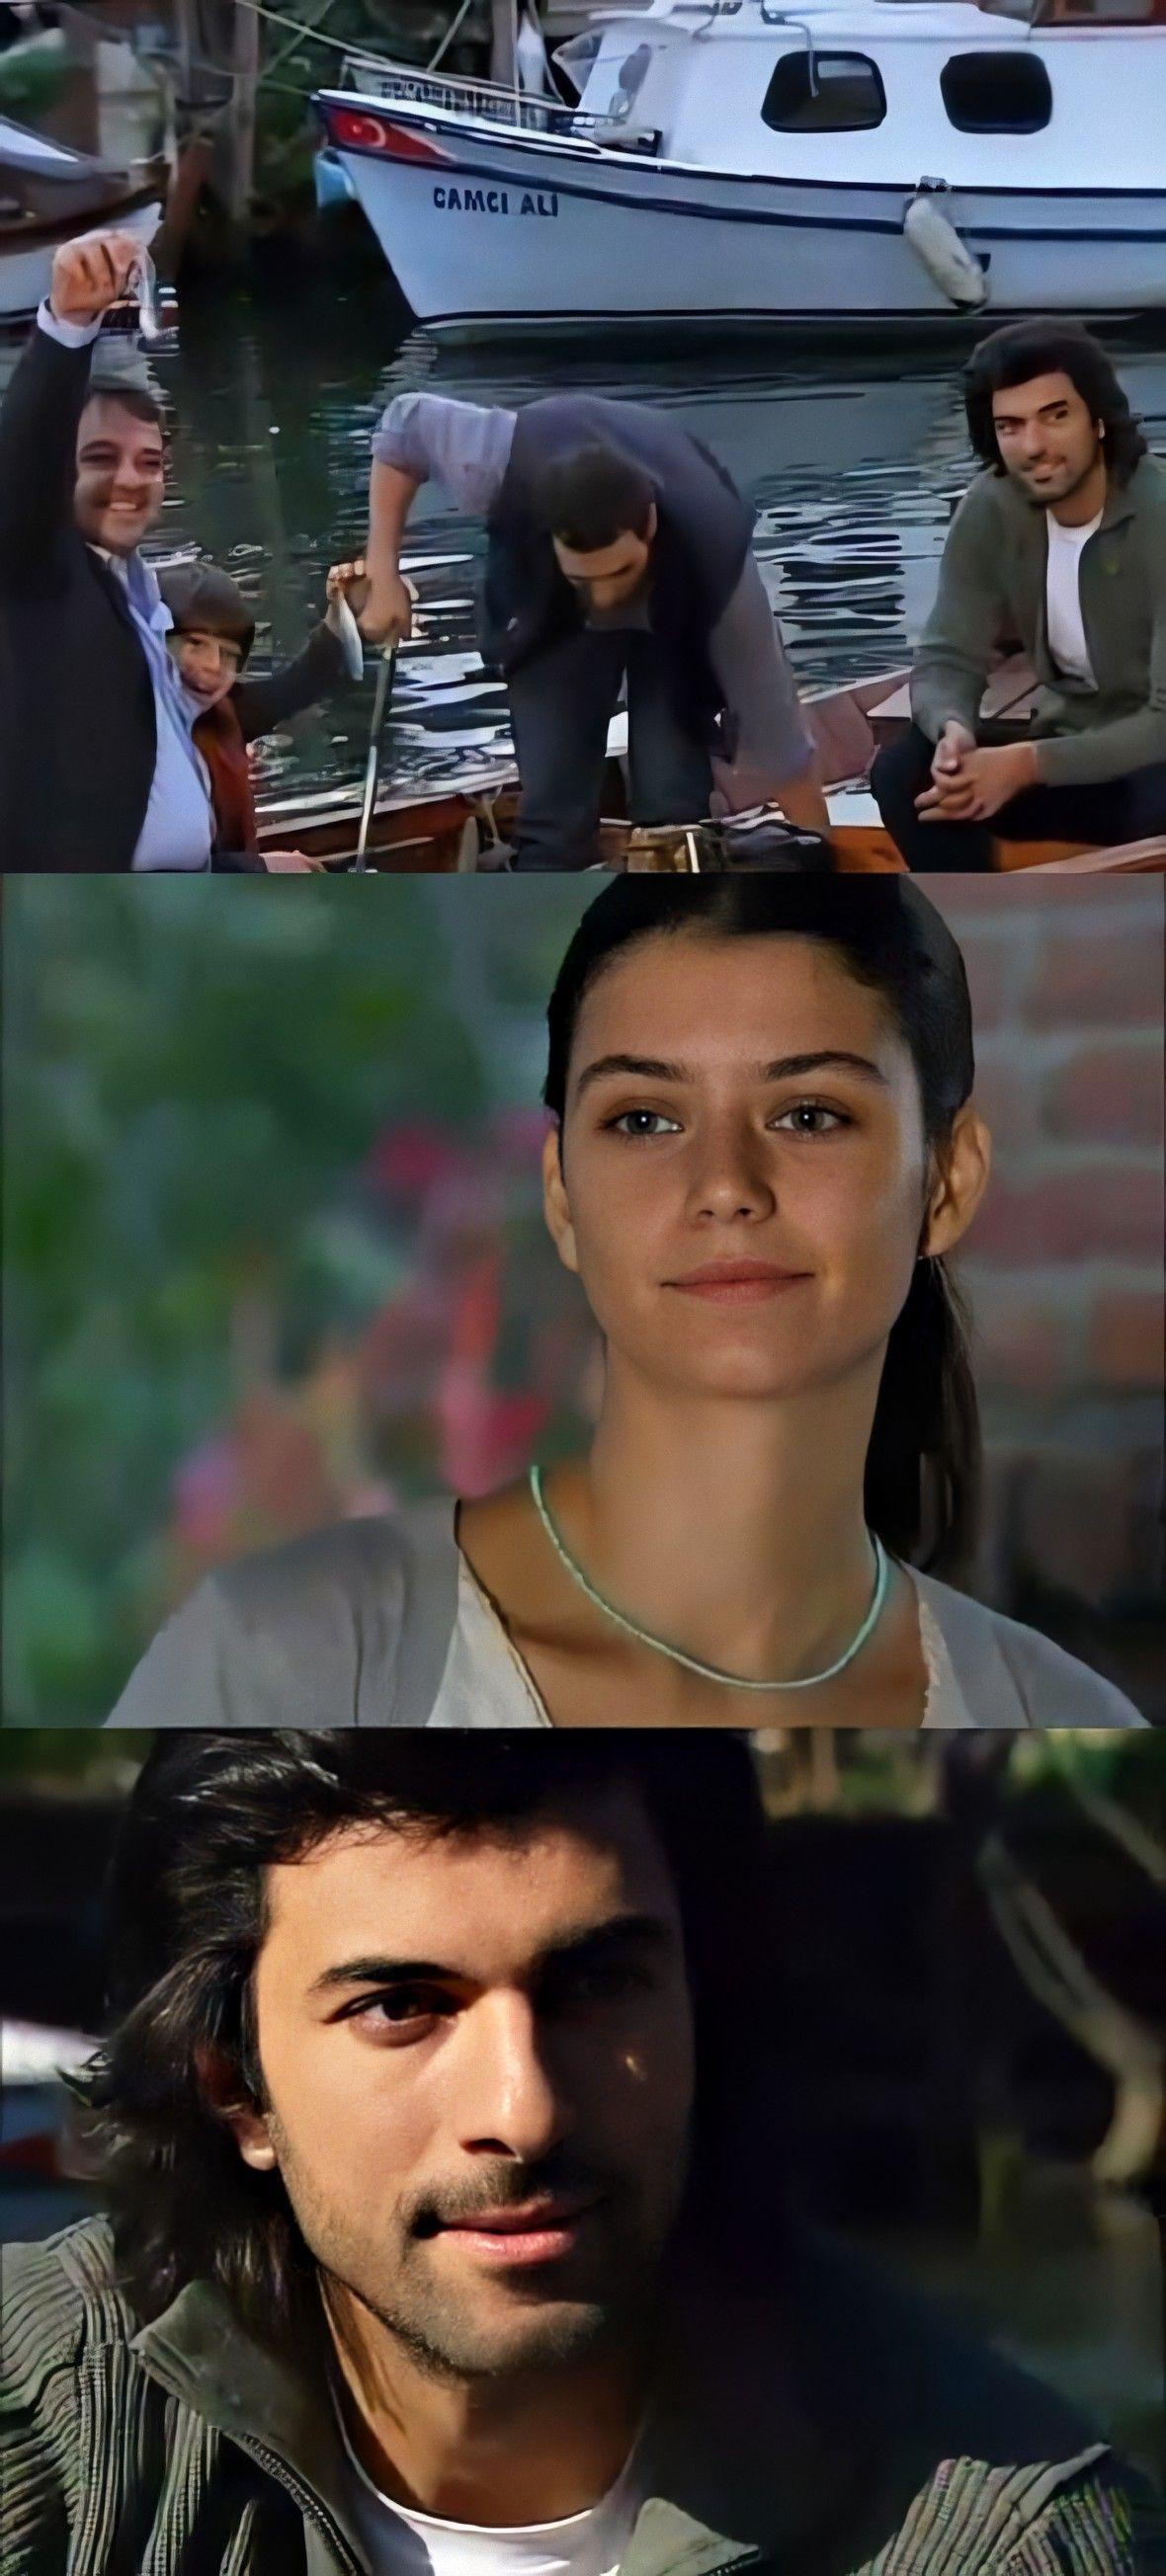 Pin by A.S on Fatmagül'ün Suçu Ne? in 2020 Actors